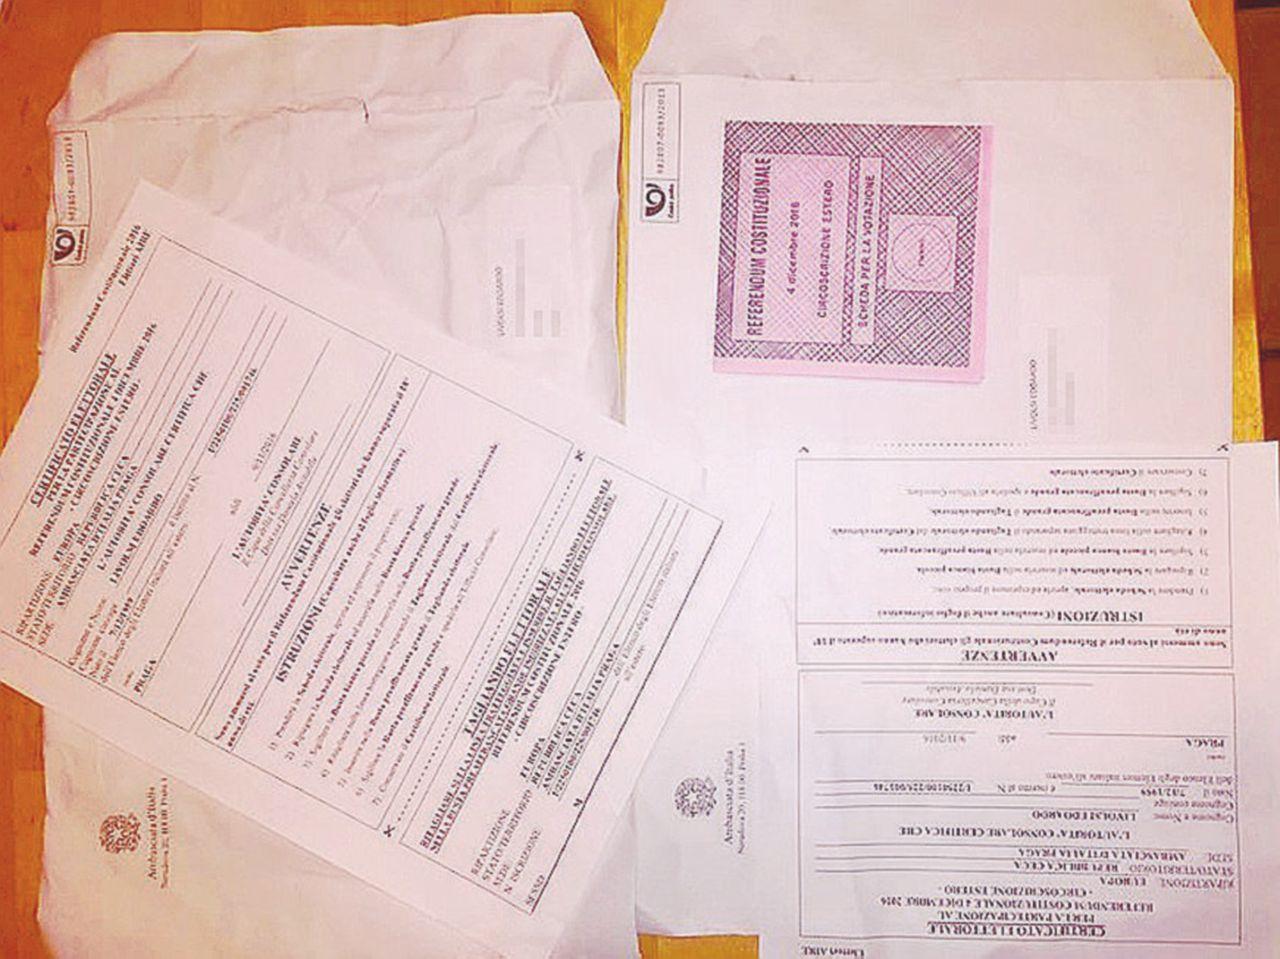 In Edicola sul Fatto Quotidiano del 19 novembre: Referendum, italiano di Praga ha 2 schede: può votare 2 volte